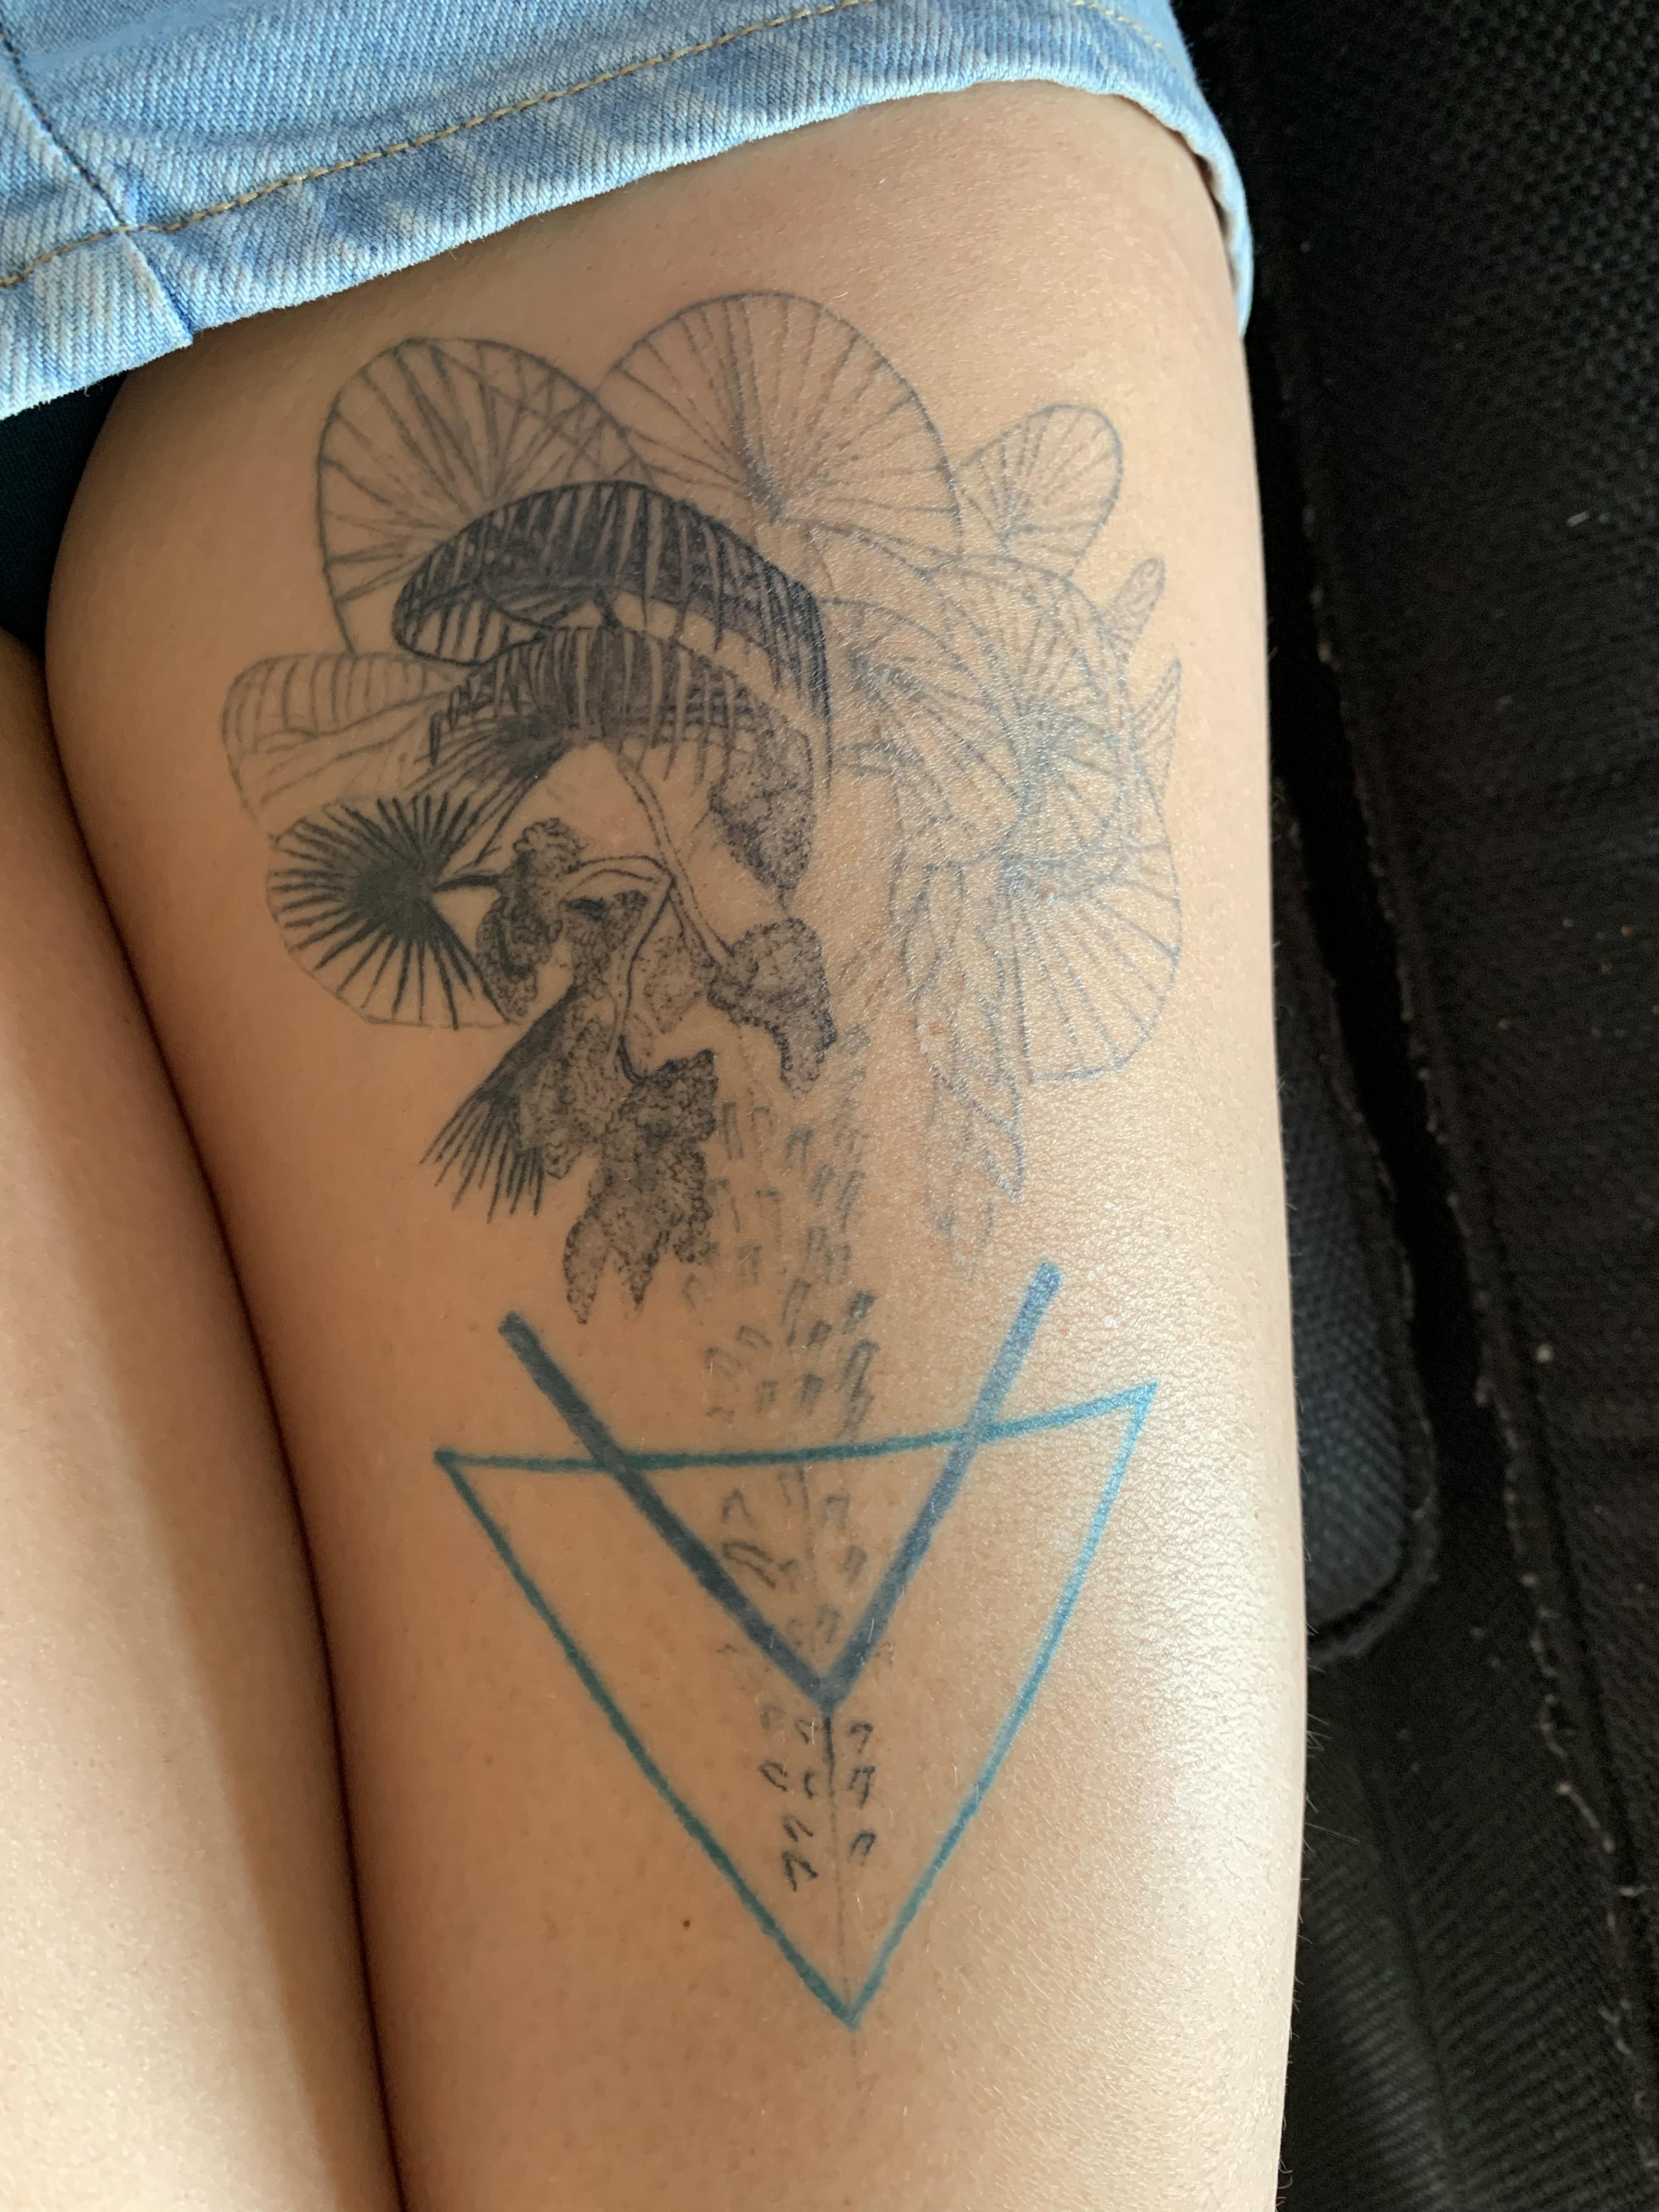 tatoo -  freq1320.jpg